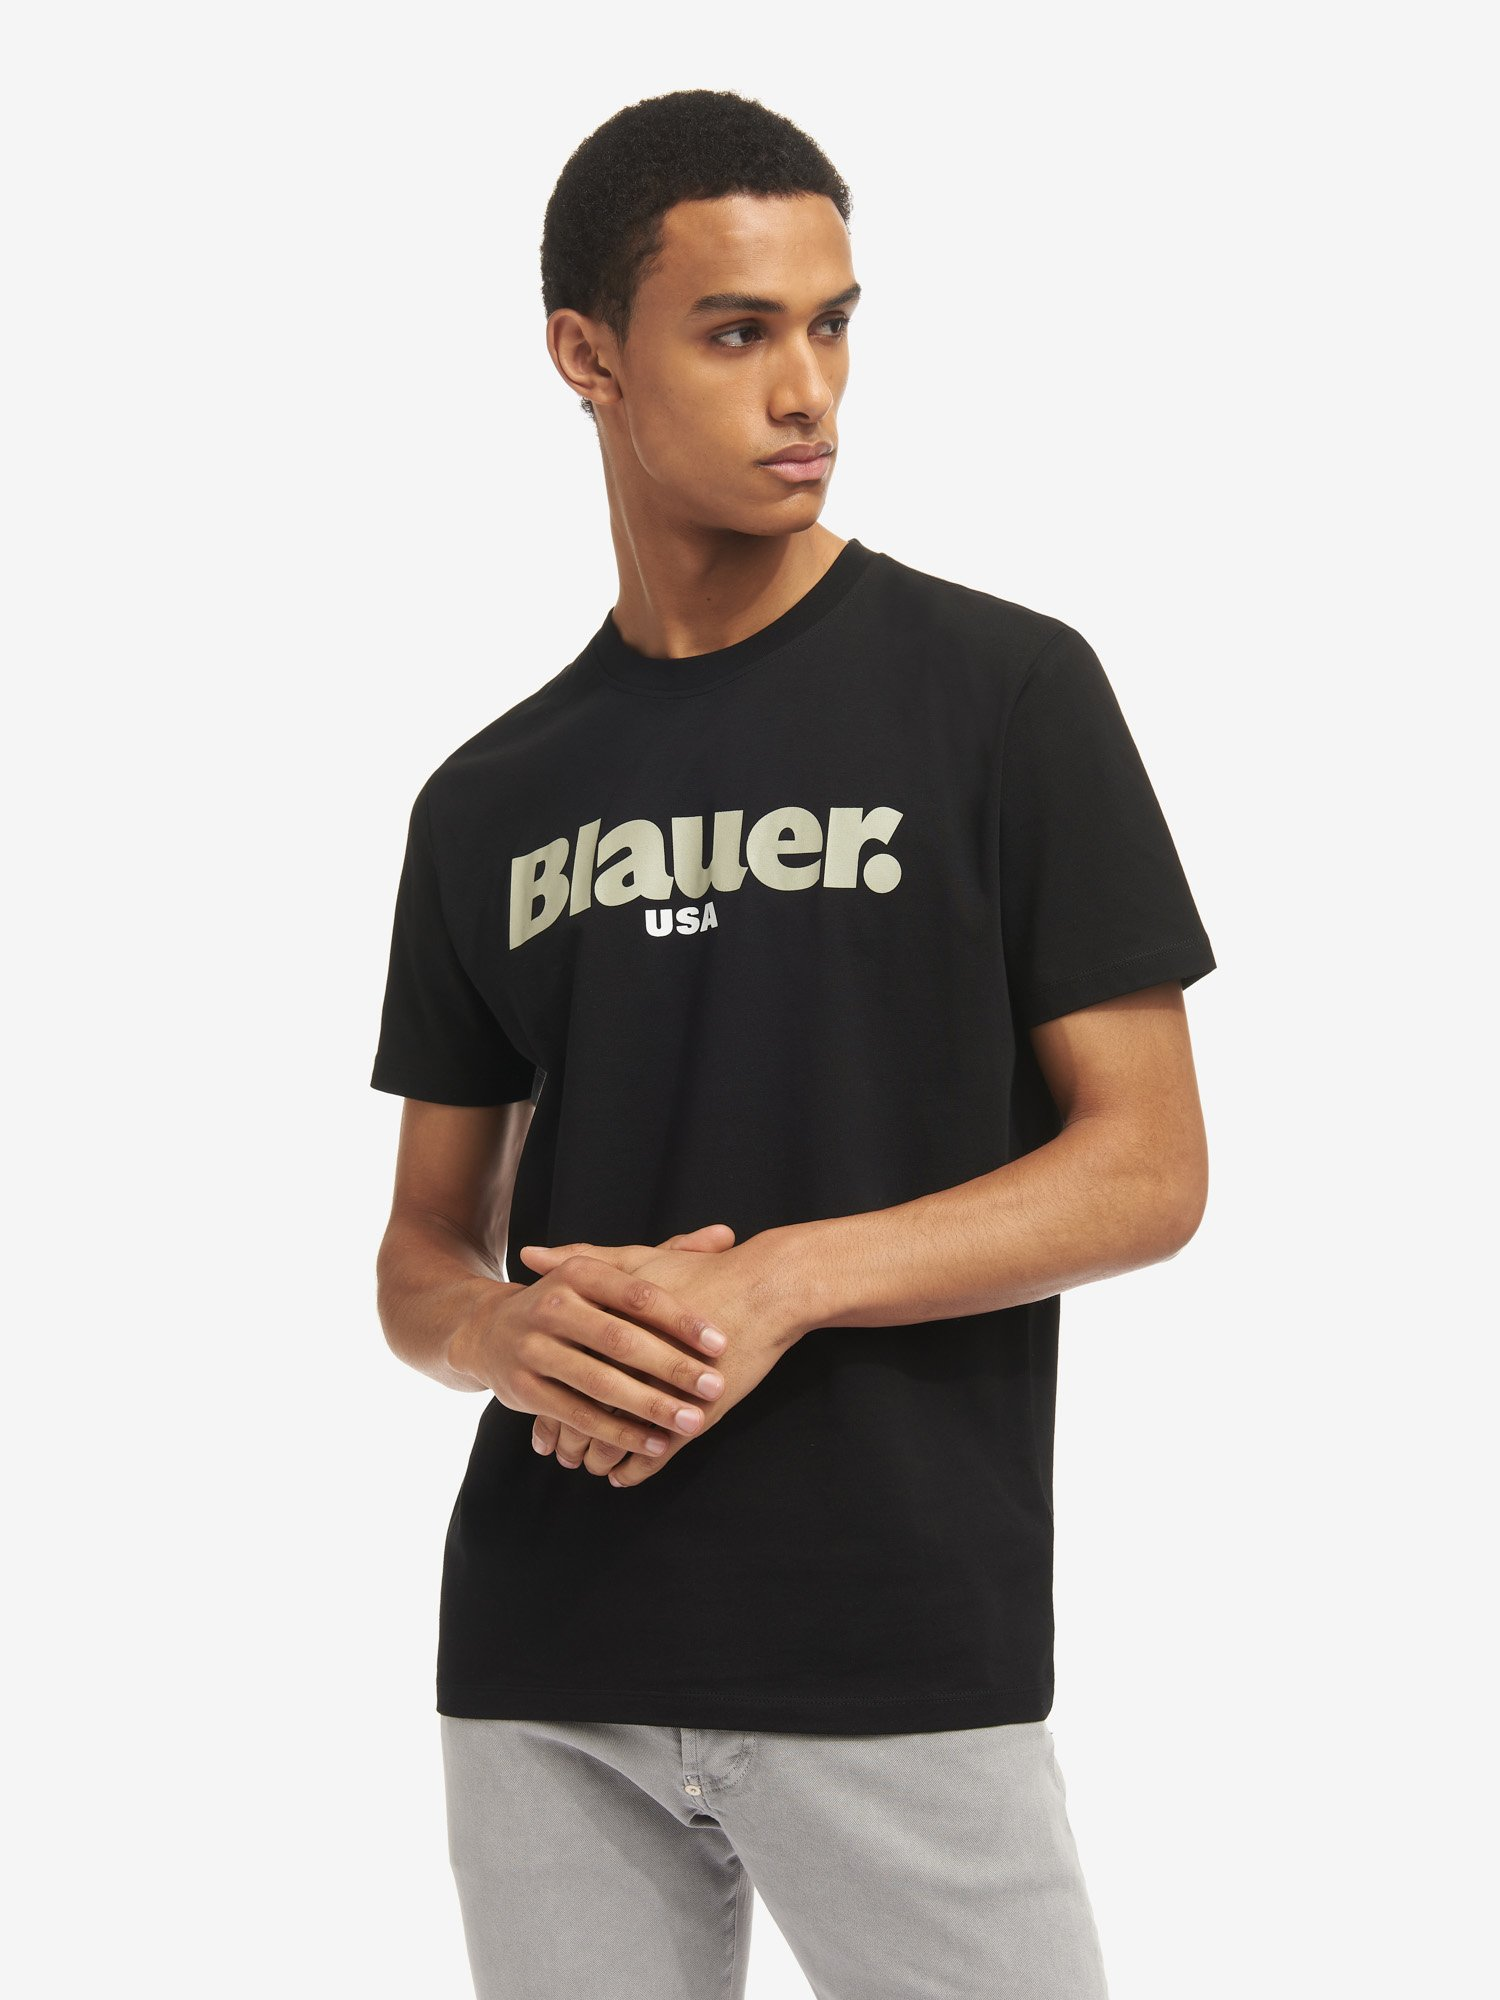 Blauer - CAMISETA BLAUER USA - Negro - Blauer